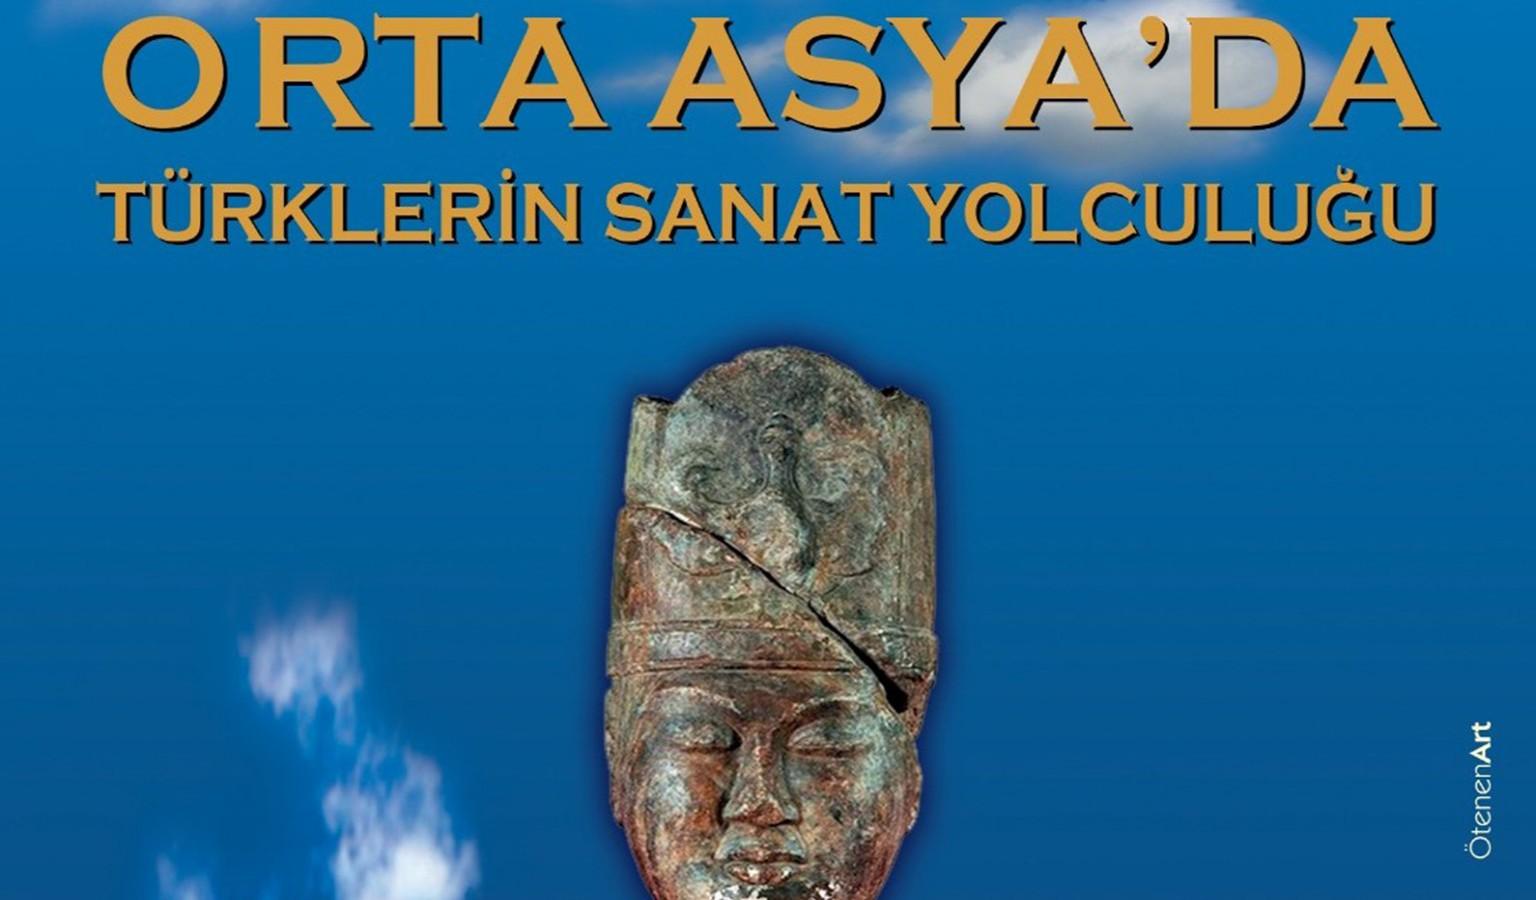 ORTA ASYA'DA TÜRKLERİN SANAT YOLCULUĞU